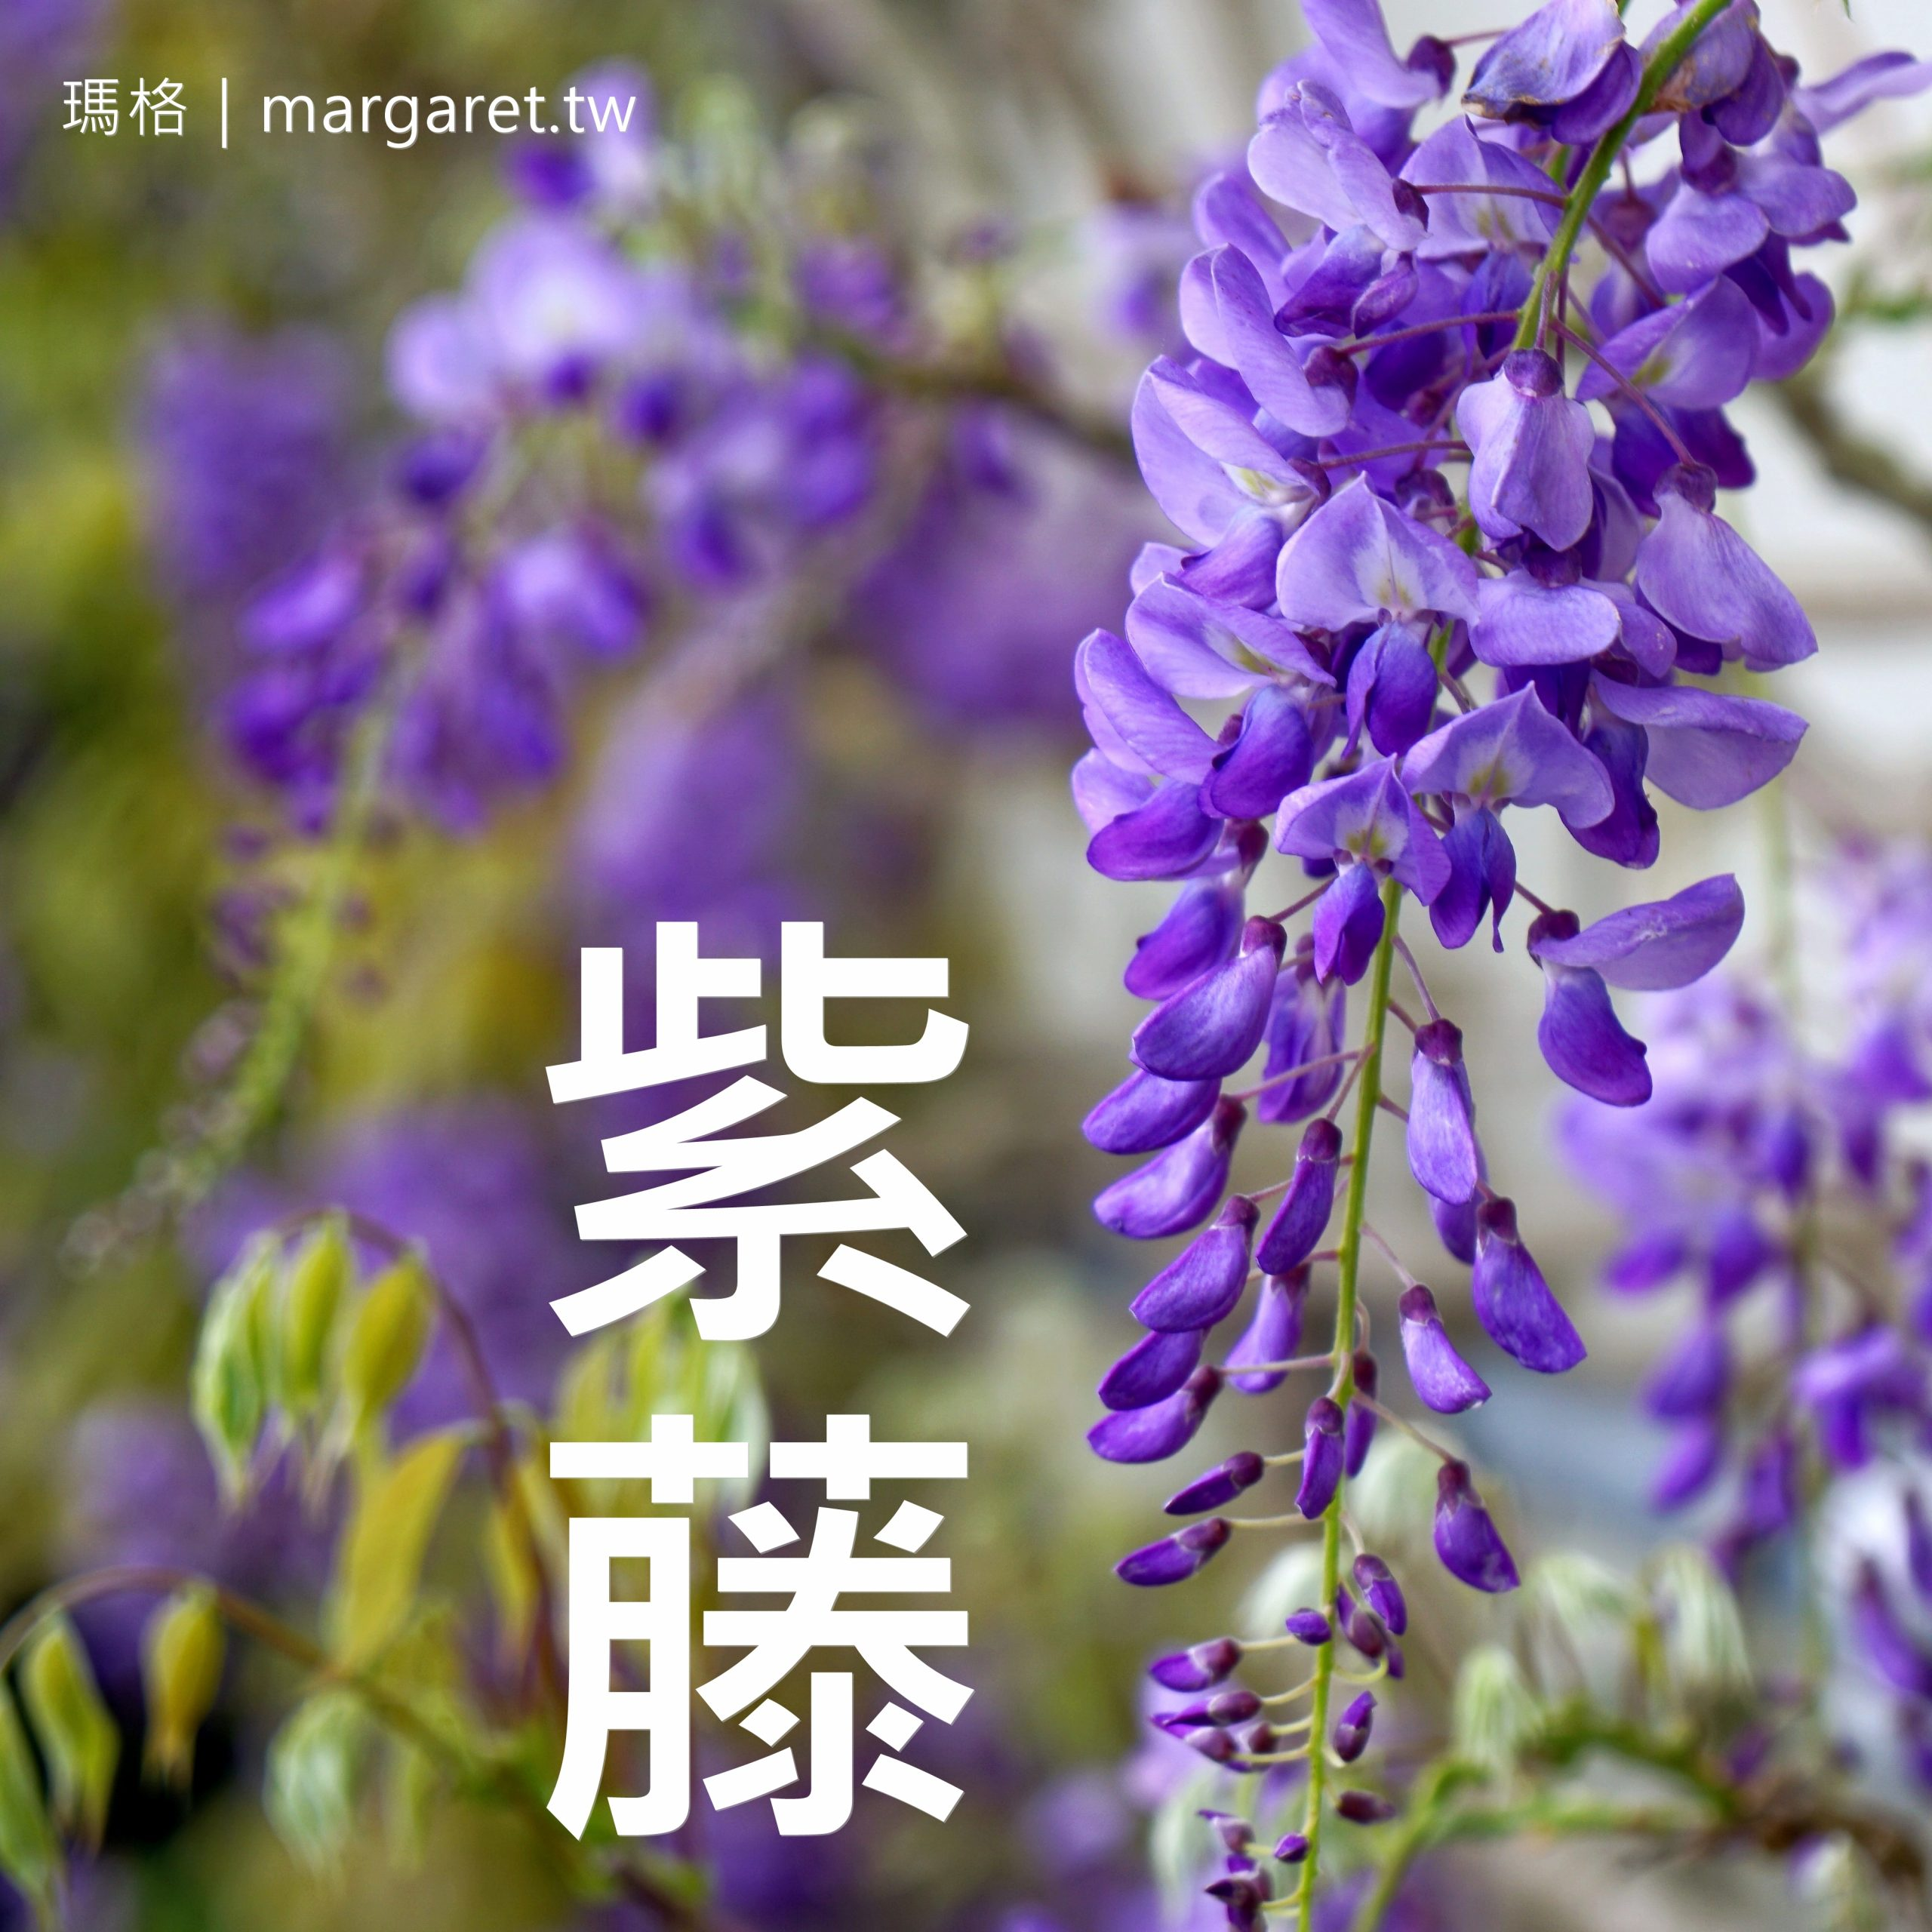 台北賞花景點。四時花曆|花況情報持續更新